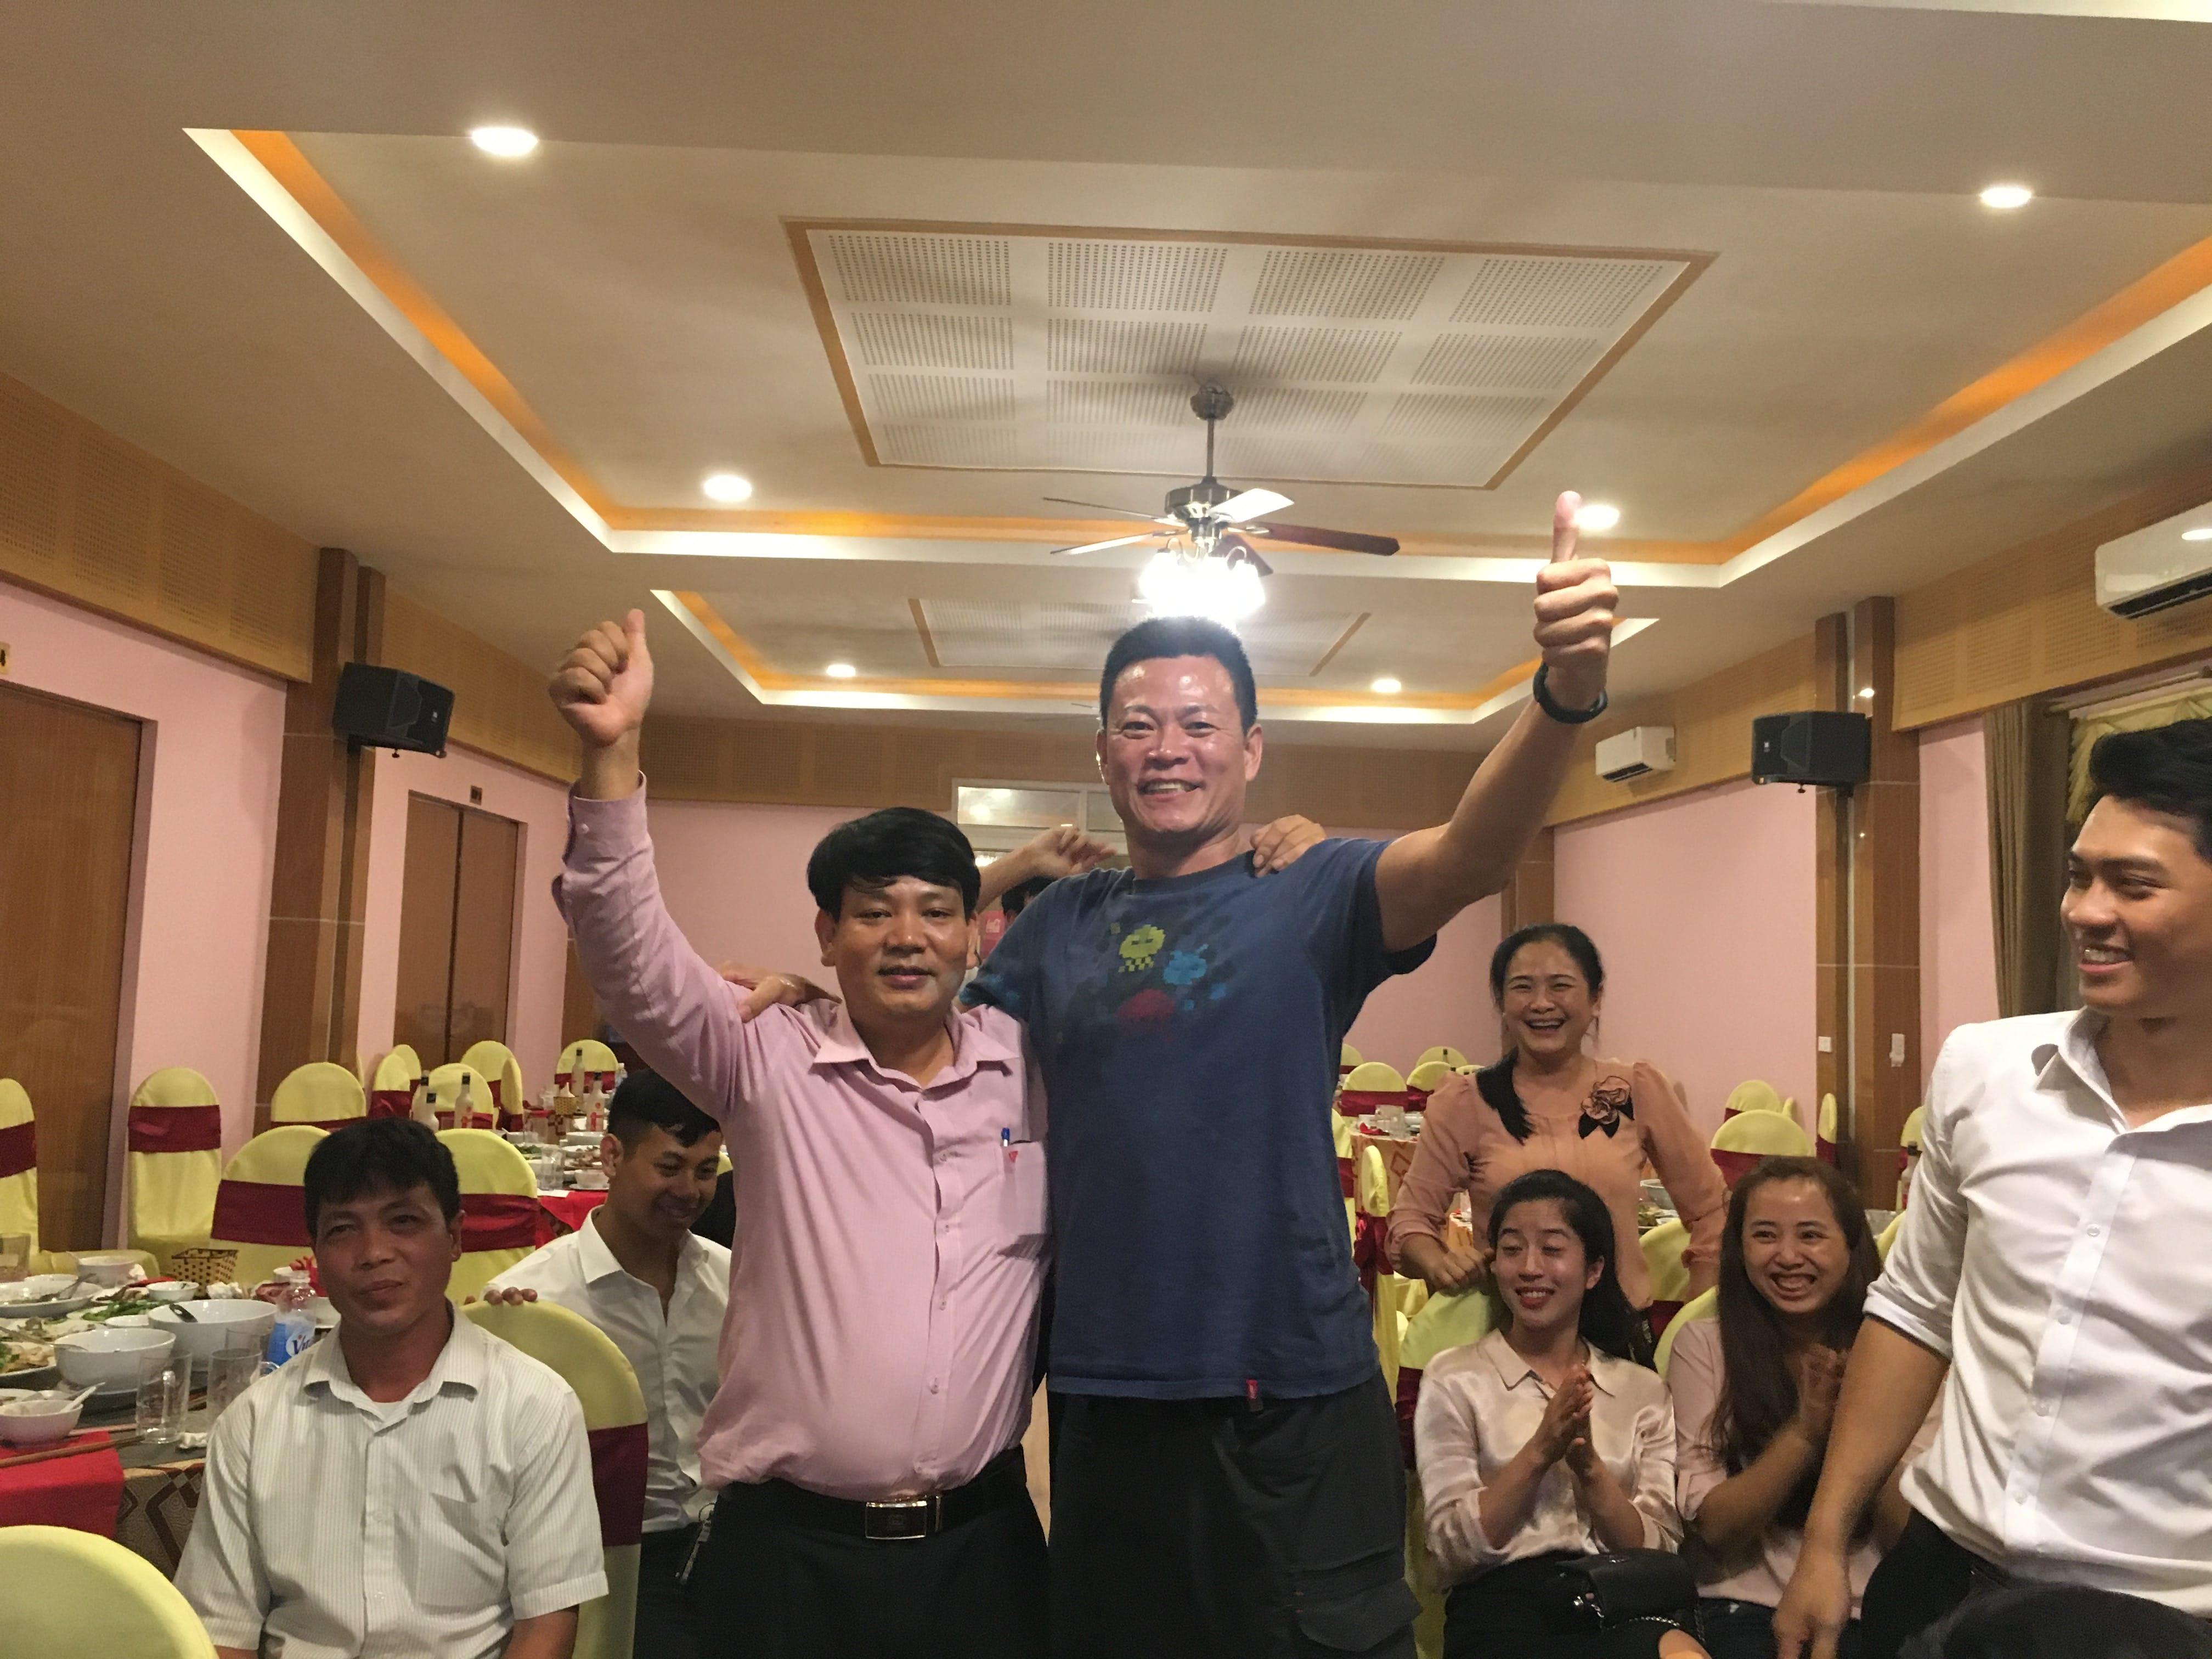 Các giáo sư thuộc trường ĐH Trung ương Quốc lập Đài Loan (NCU) cùng tham gia buổi liên hoan